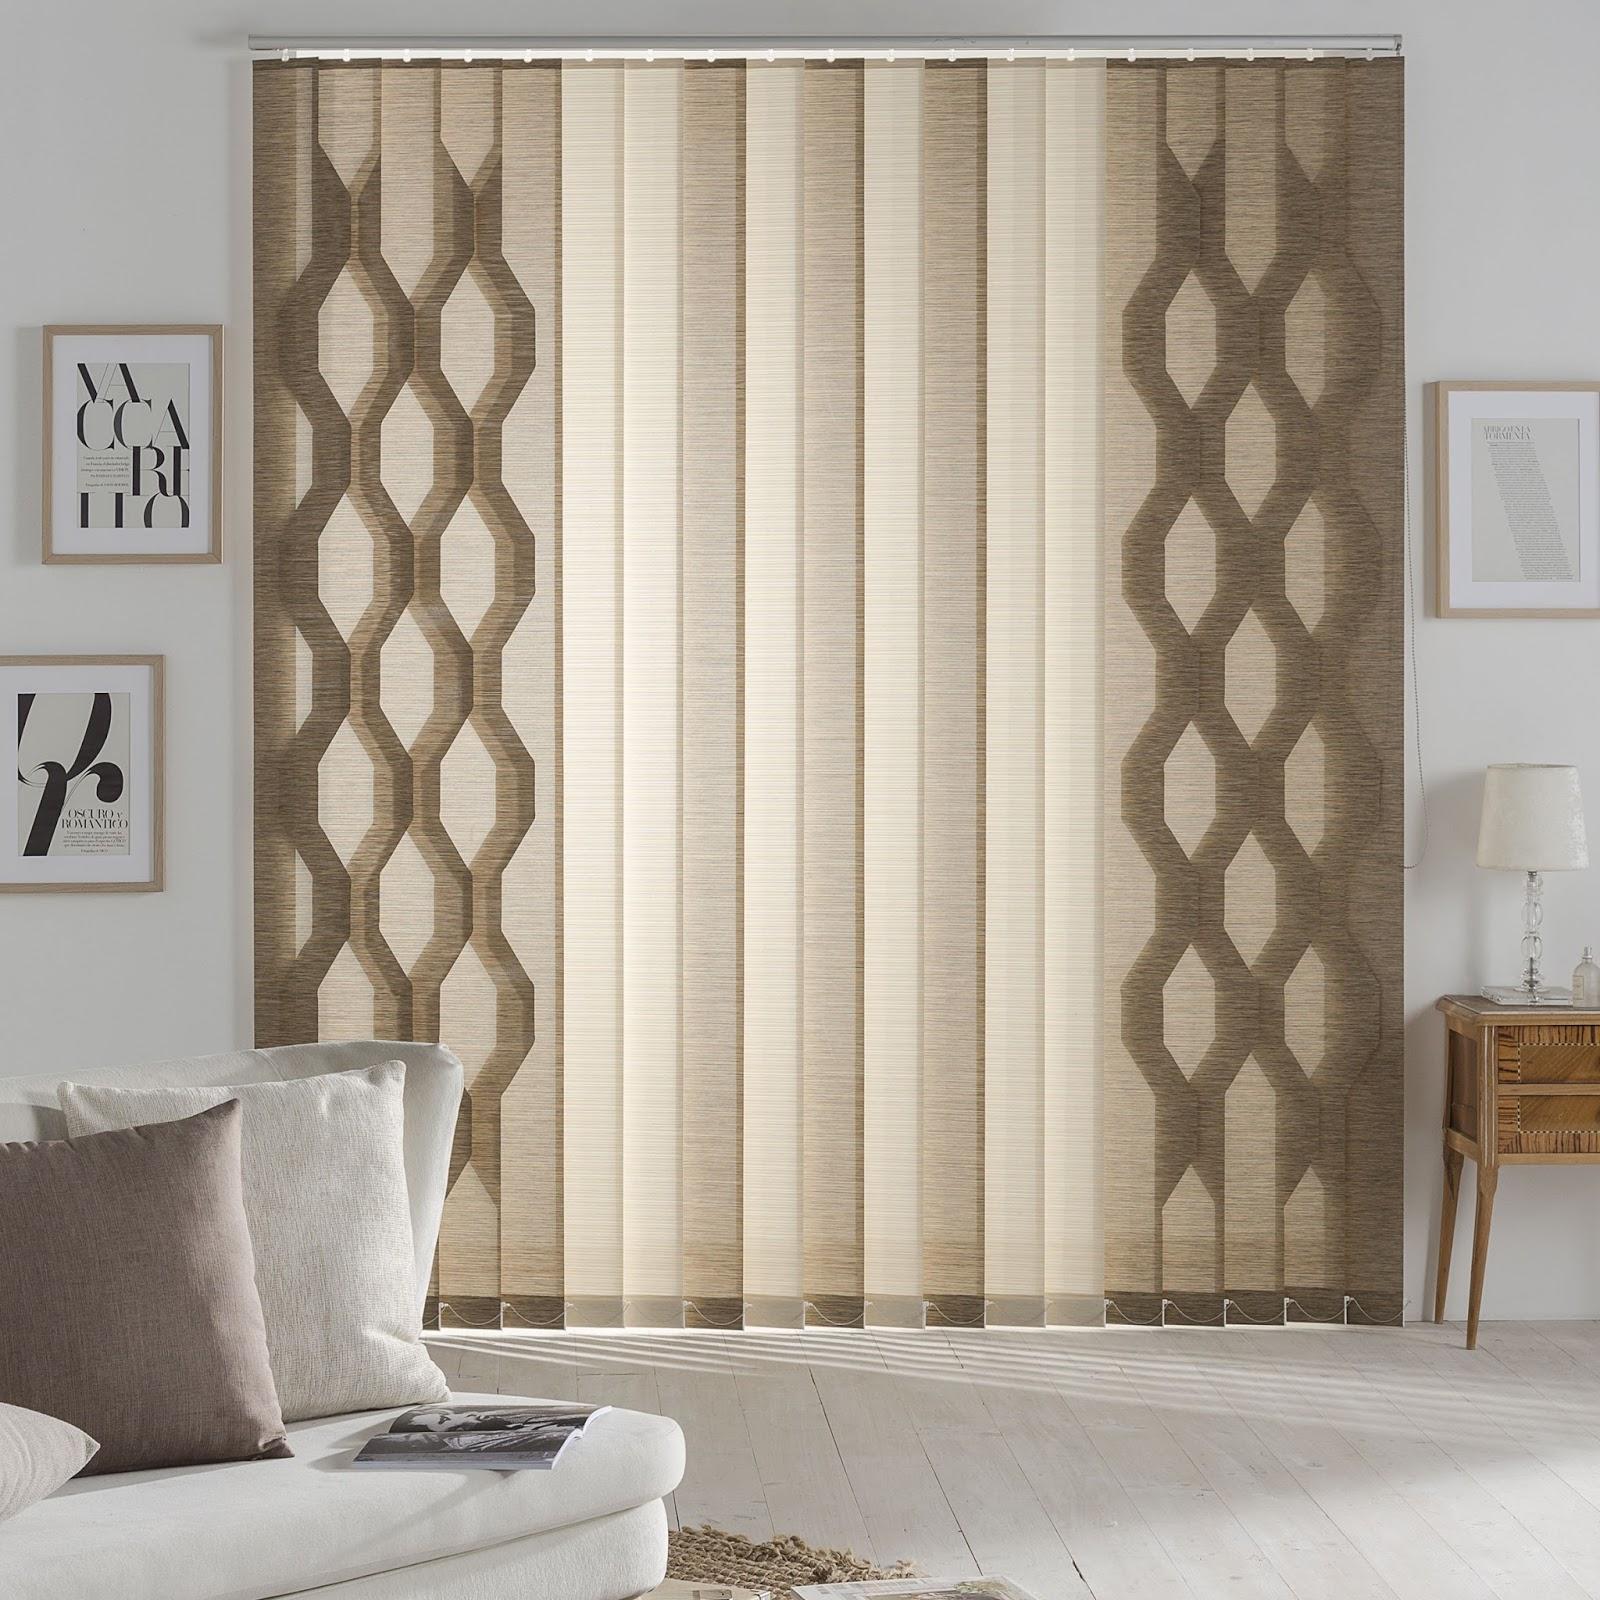 Cortinas siseo, unas cortinas verticales con formas originales | El ...